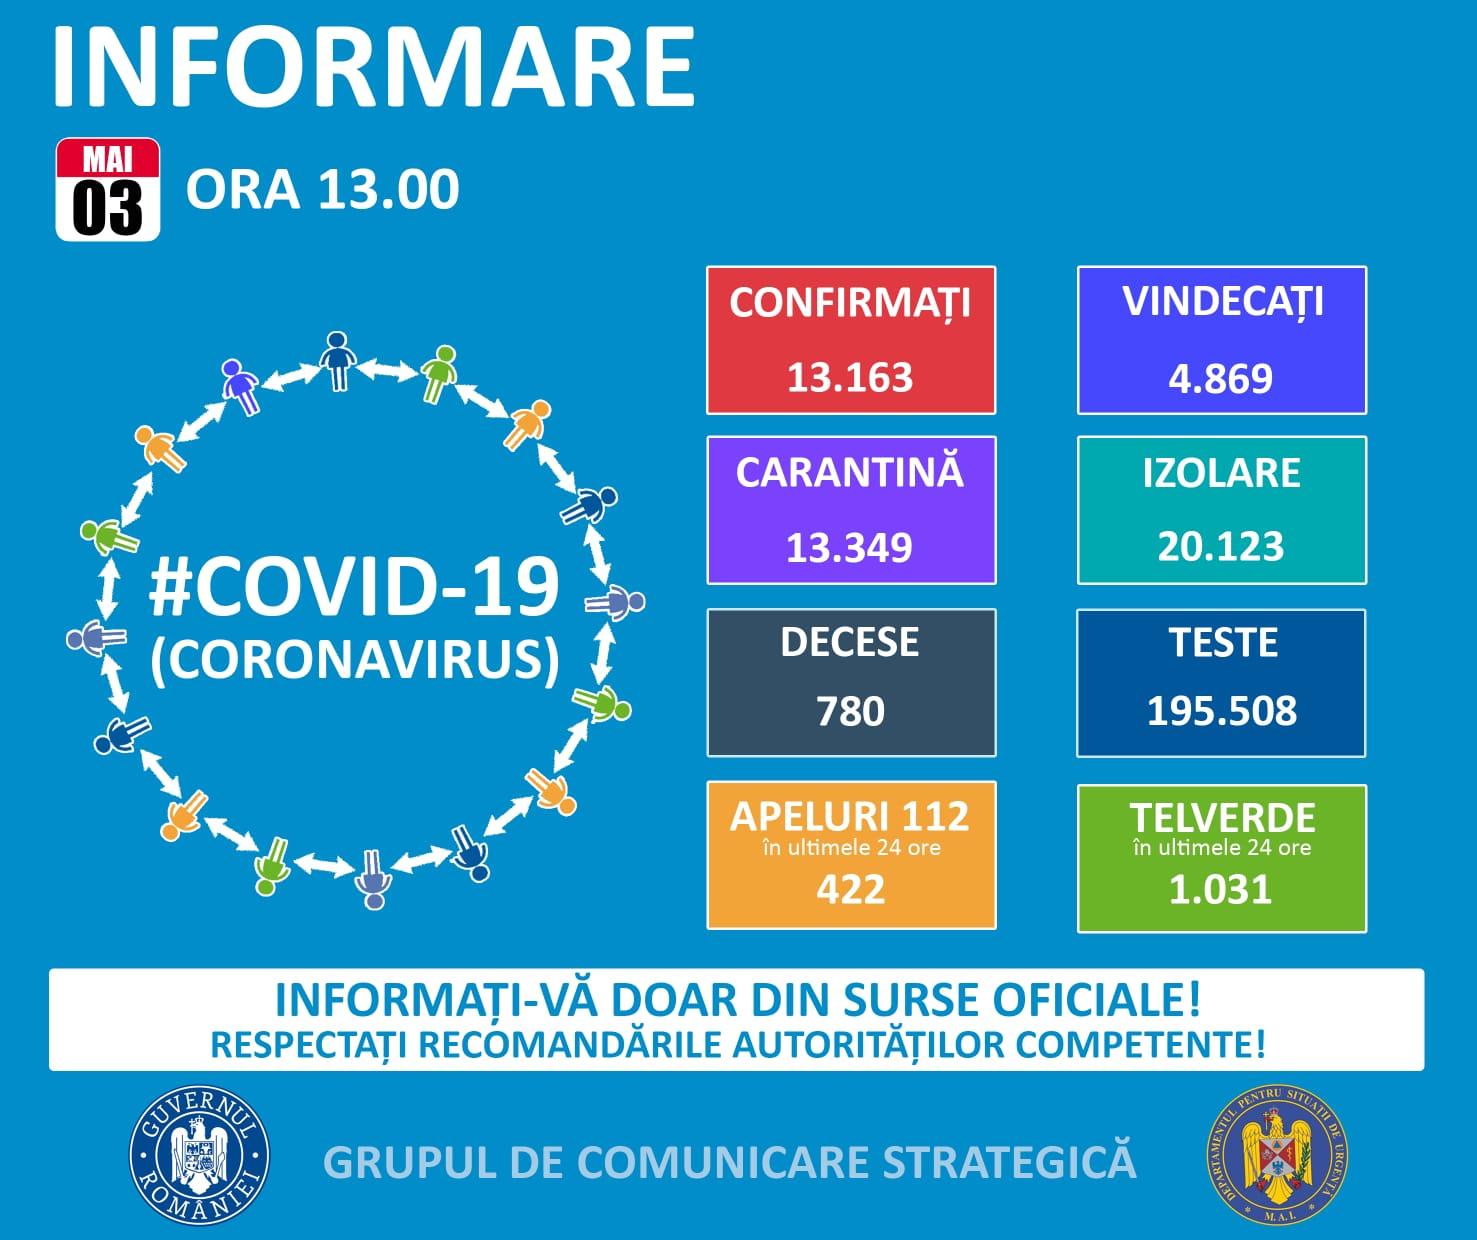 13.163 cazuri de coronavirus pe teritoriul României. 780 persoane au decedat